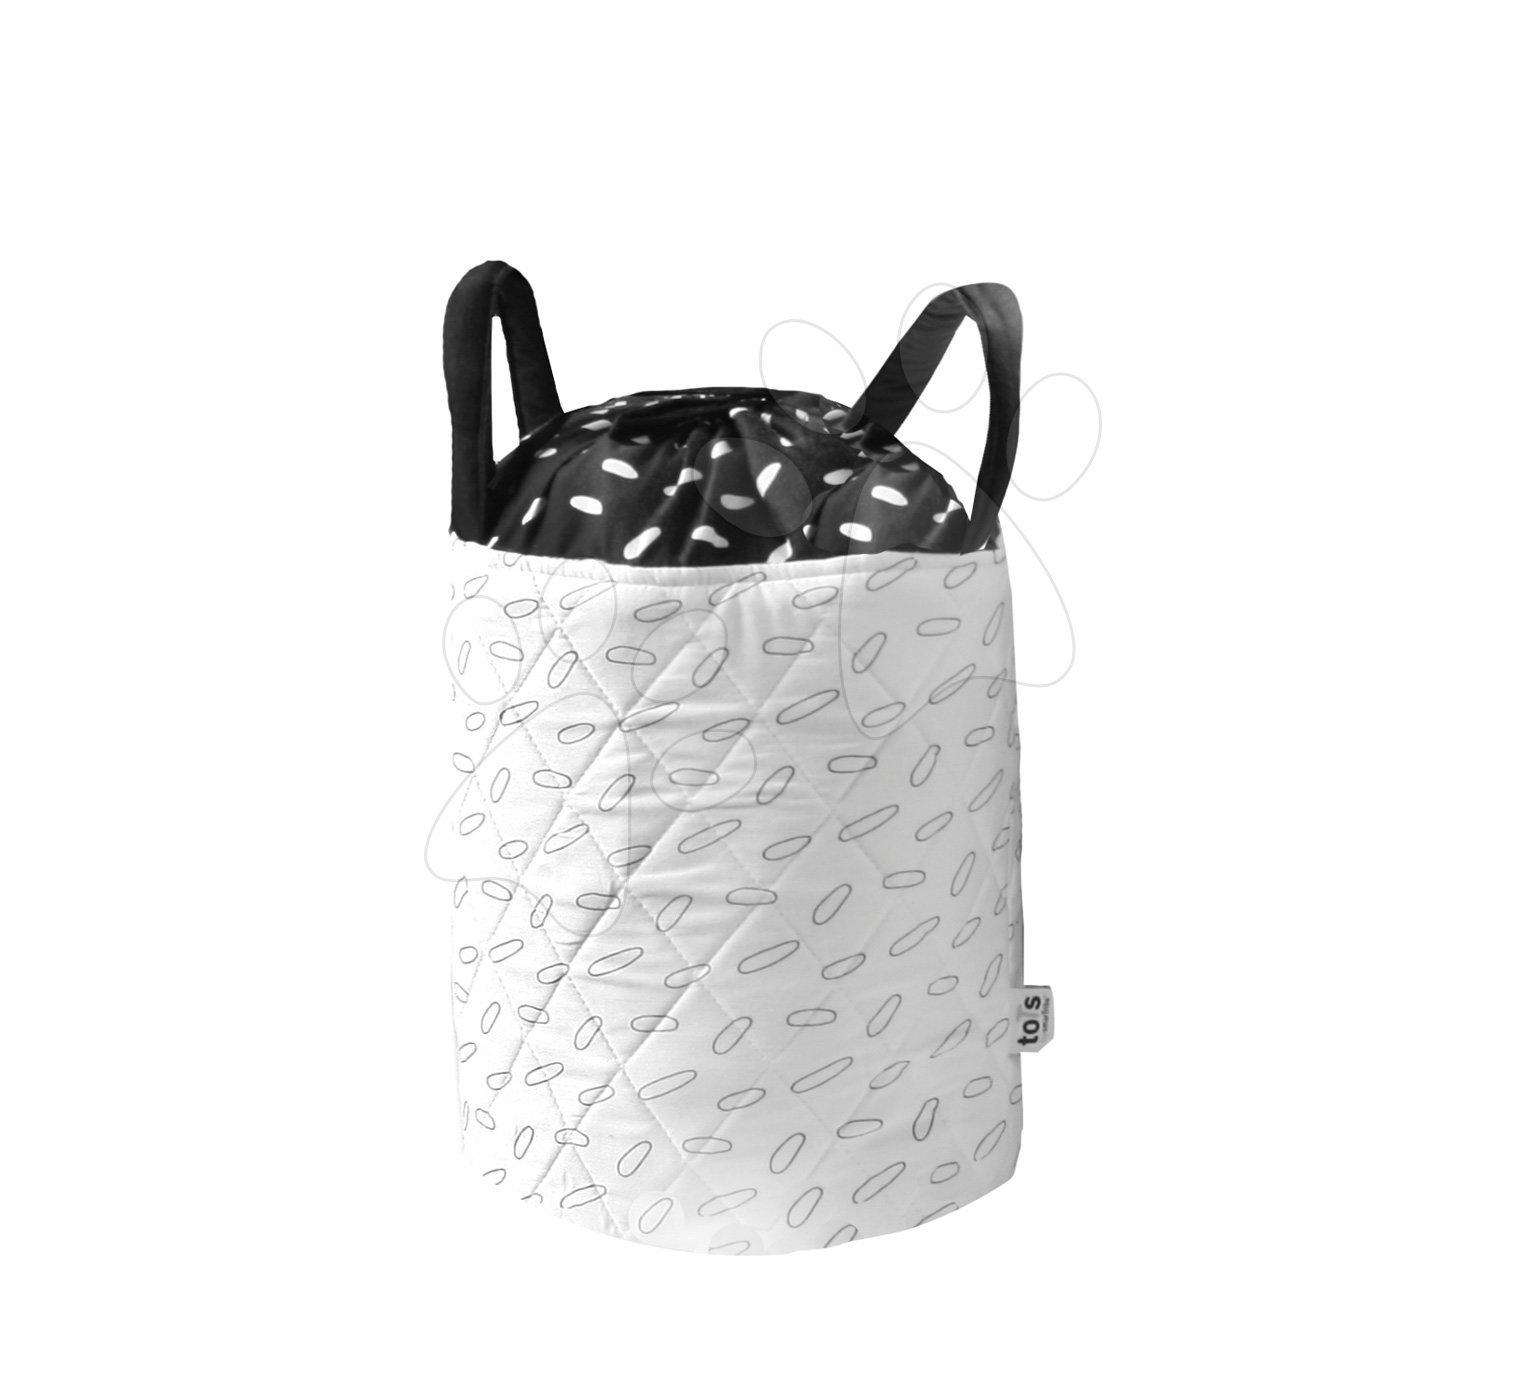 Textilný košík Listy Bamboo toTs-smarTrike Black&White bambusový hodváb a satén 25*20 cm od 0 mesiacov